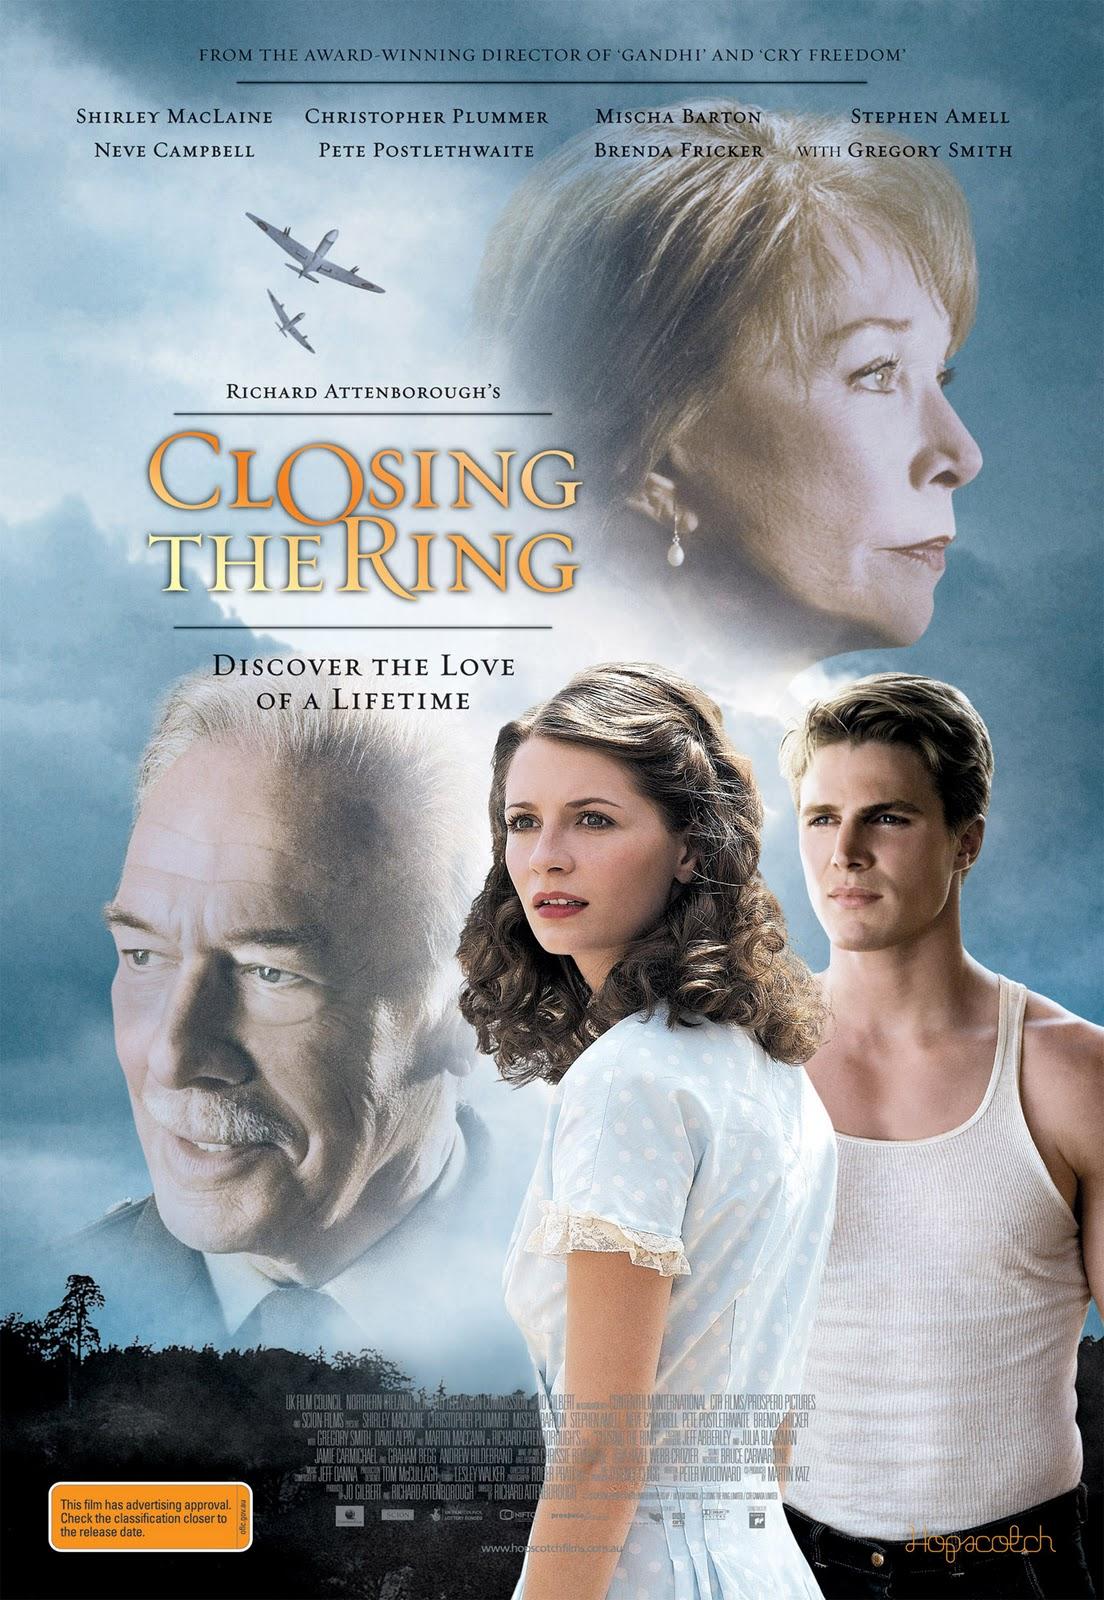 افلام اون لاين مشاهدة فيلم الرومانسية Closing The Ring اونلاين